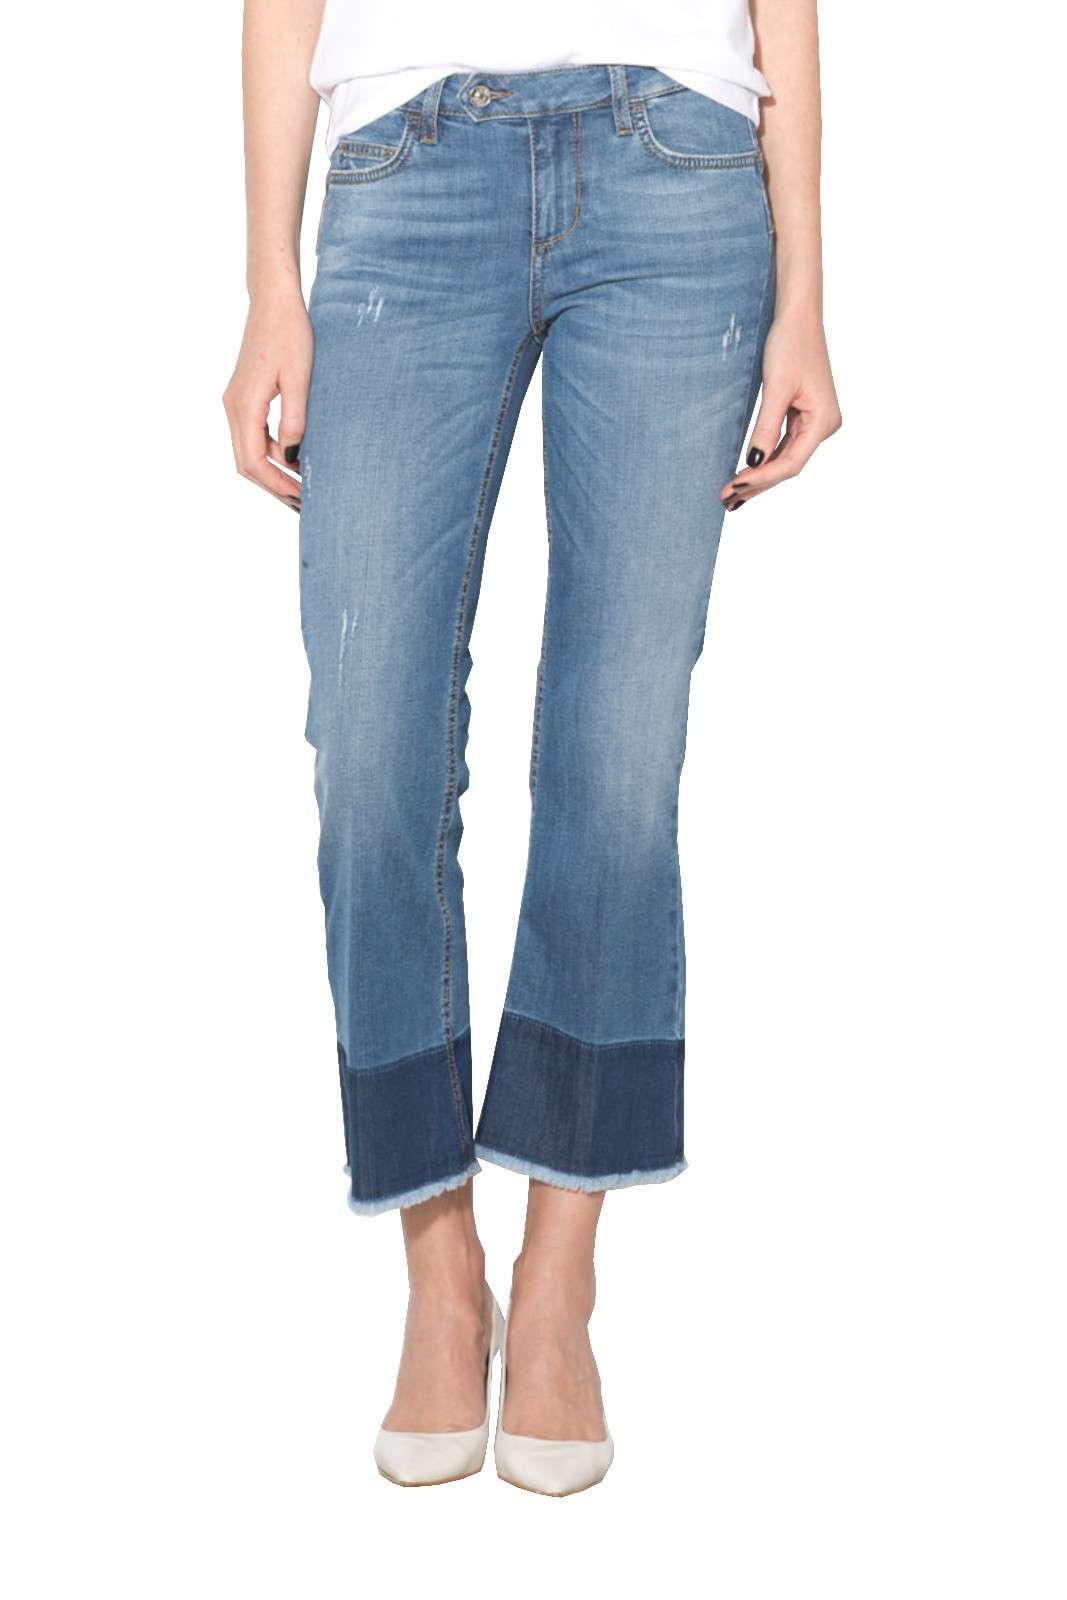 Un jeans donna modello cropped quello firmato Liu Jo. Da indossare nel tempo libero e nelle uscite con gli amici. Abbinato ad una sneaker e una t shirt è perfetto.